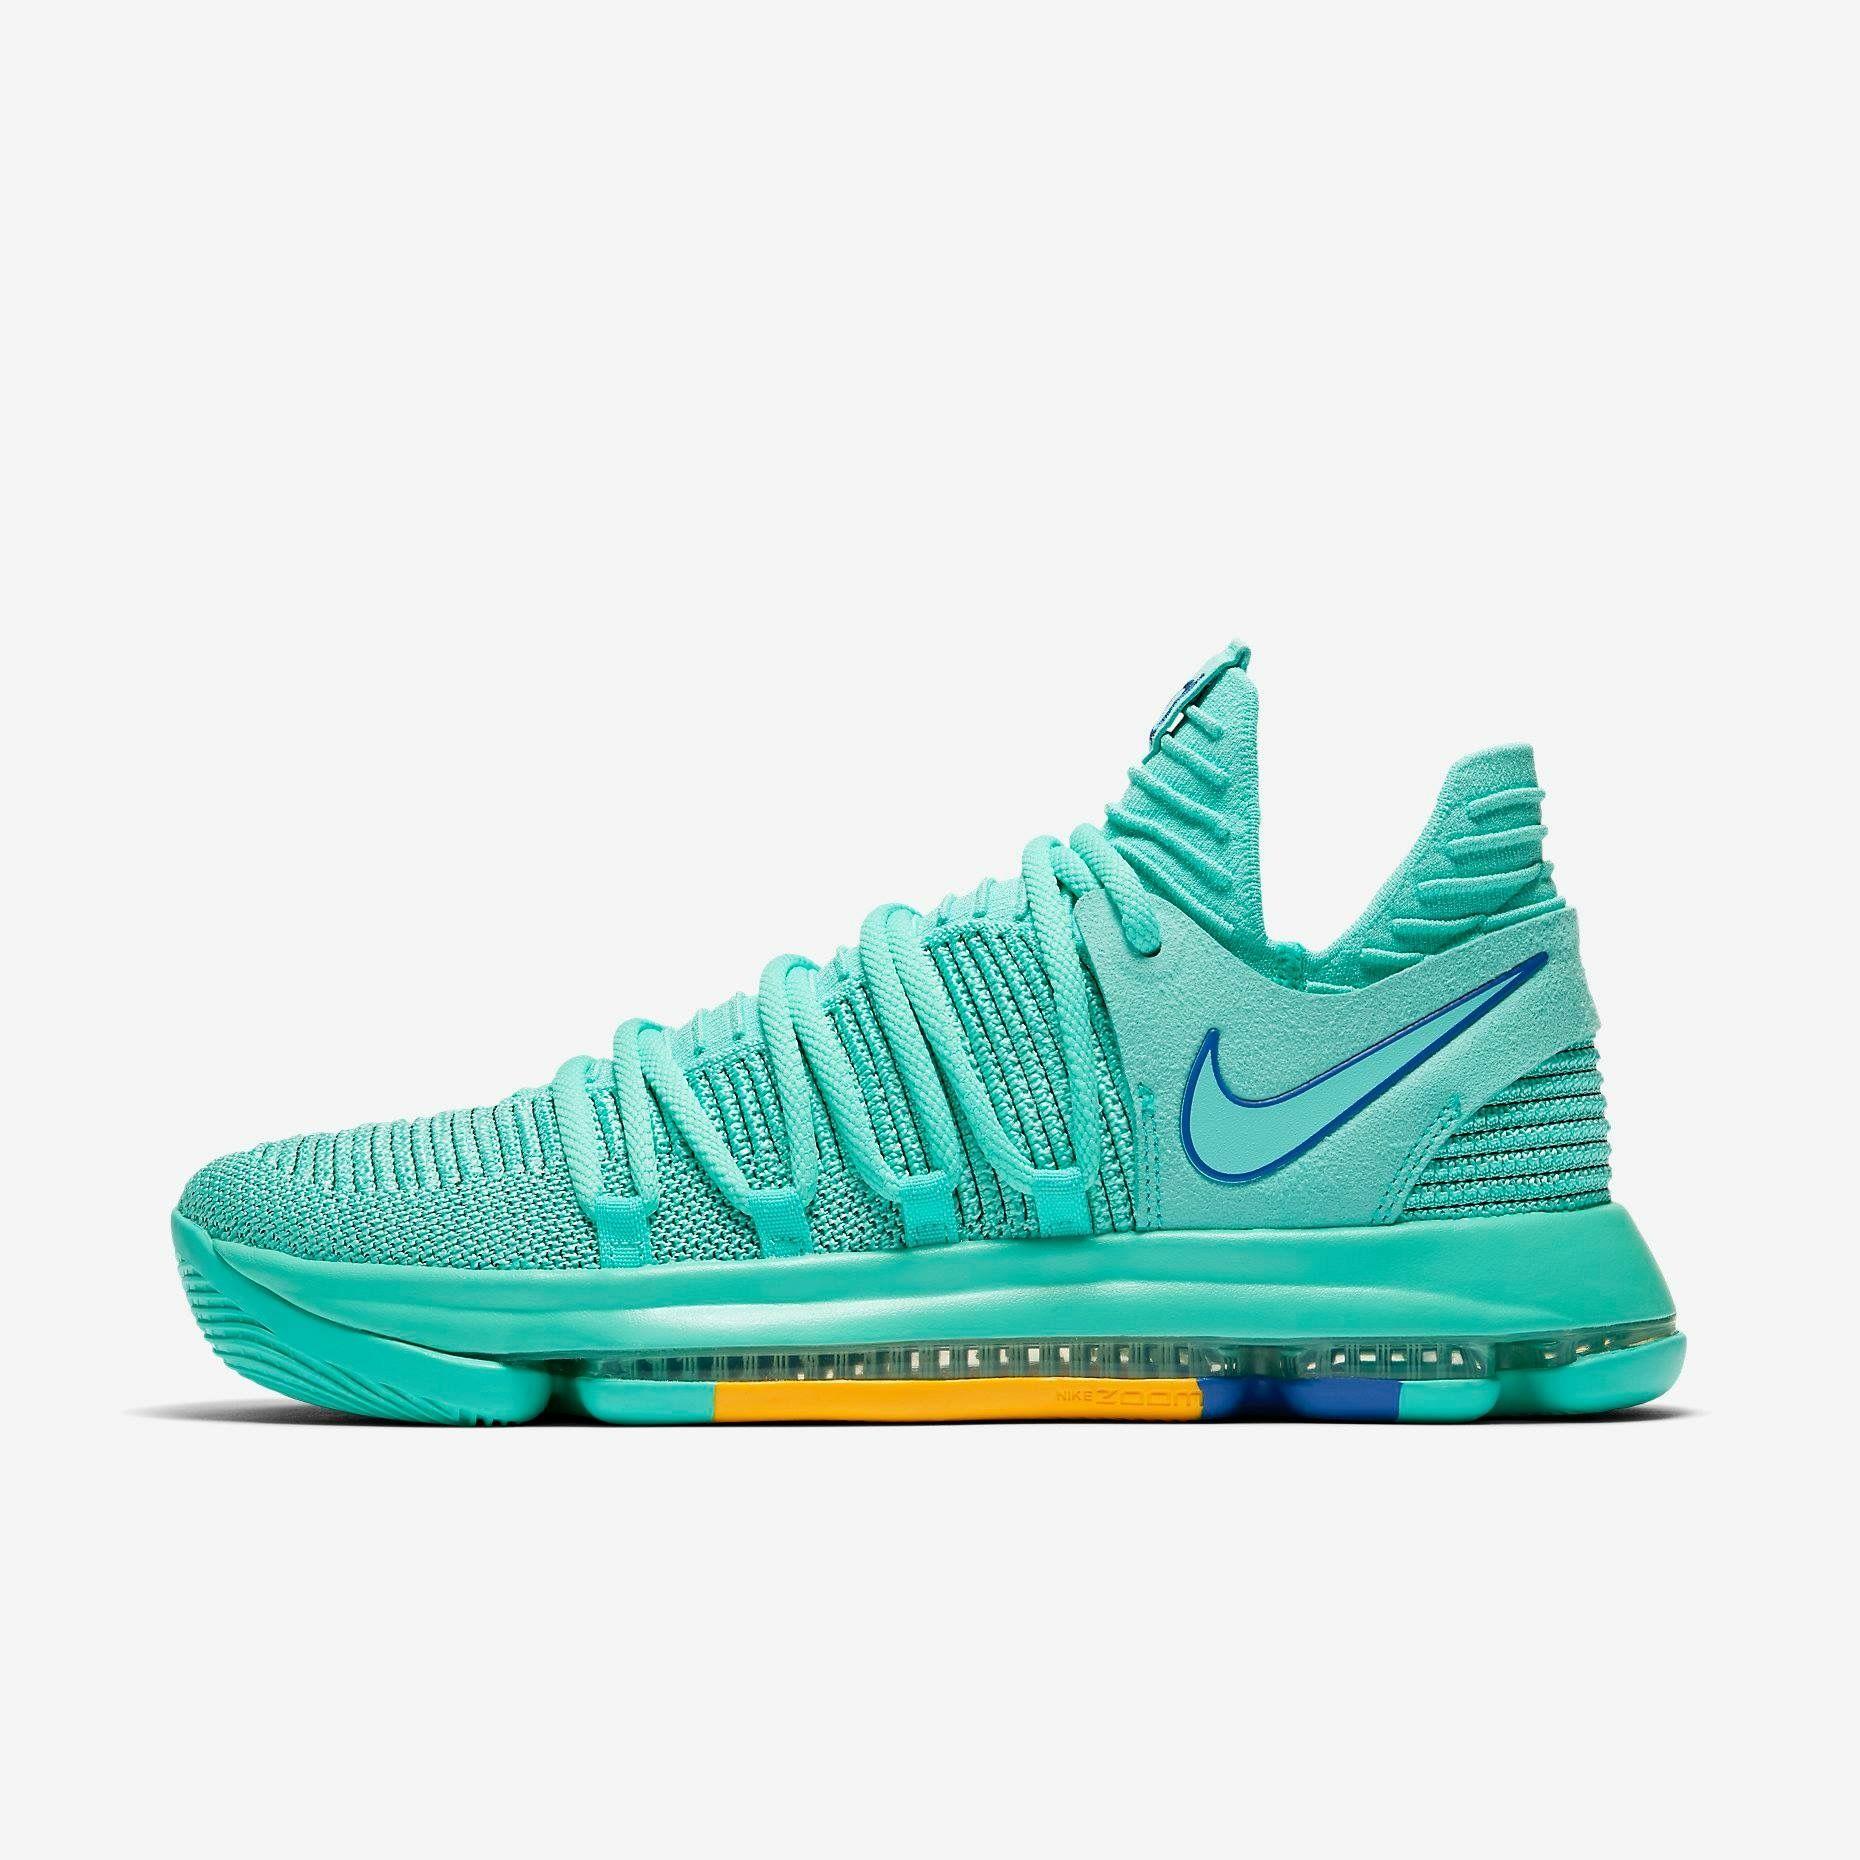 Nike KD X | Nike basketball shoes